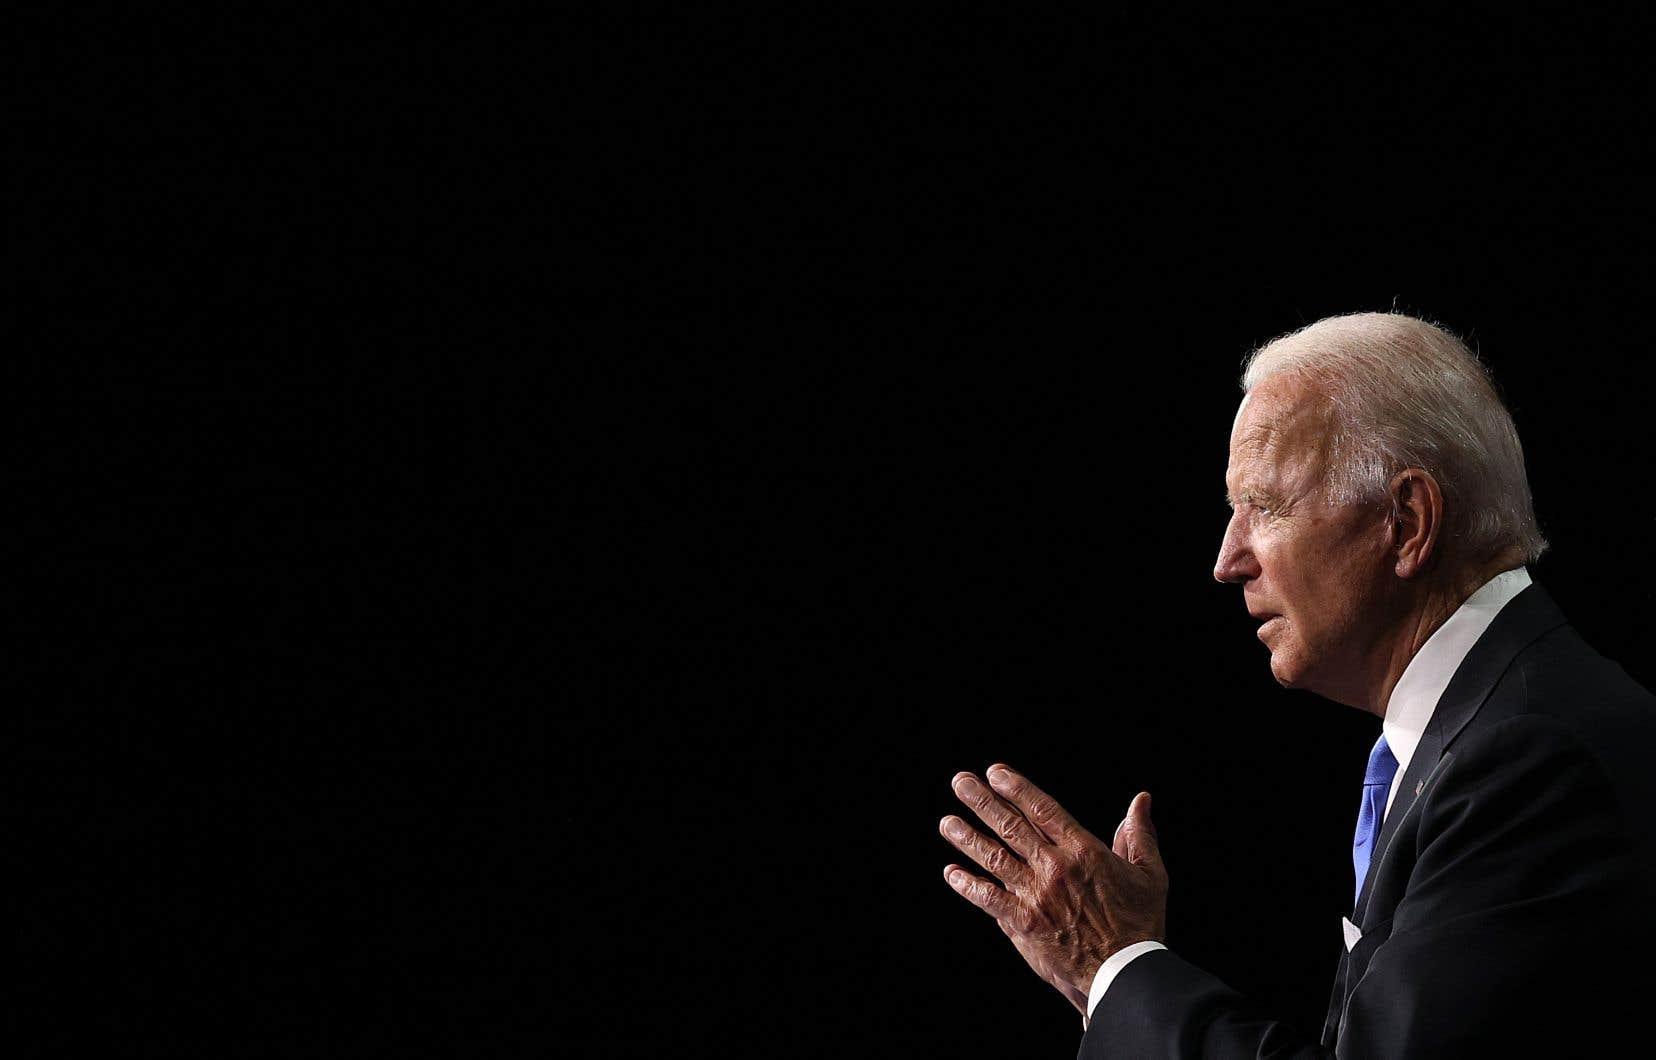 Joe Biden prononcera un discours de campagne lundi après-midi pour remettre en question la sécurité aux États-Unis sous Donald Trump.